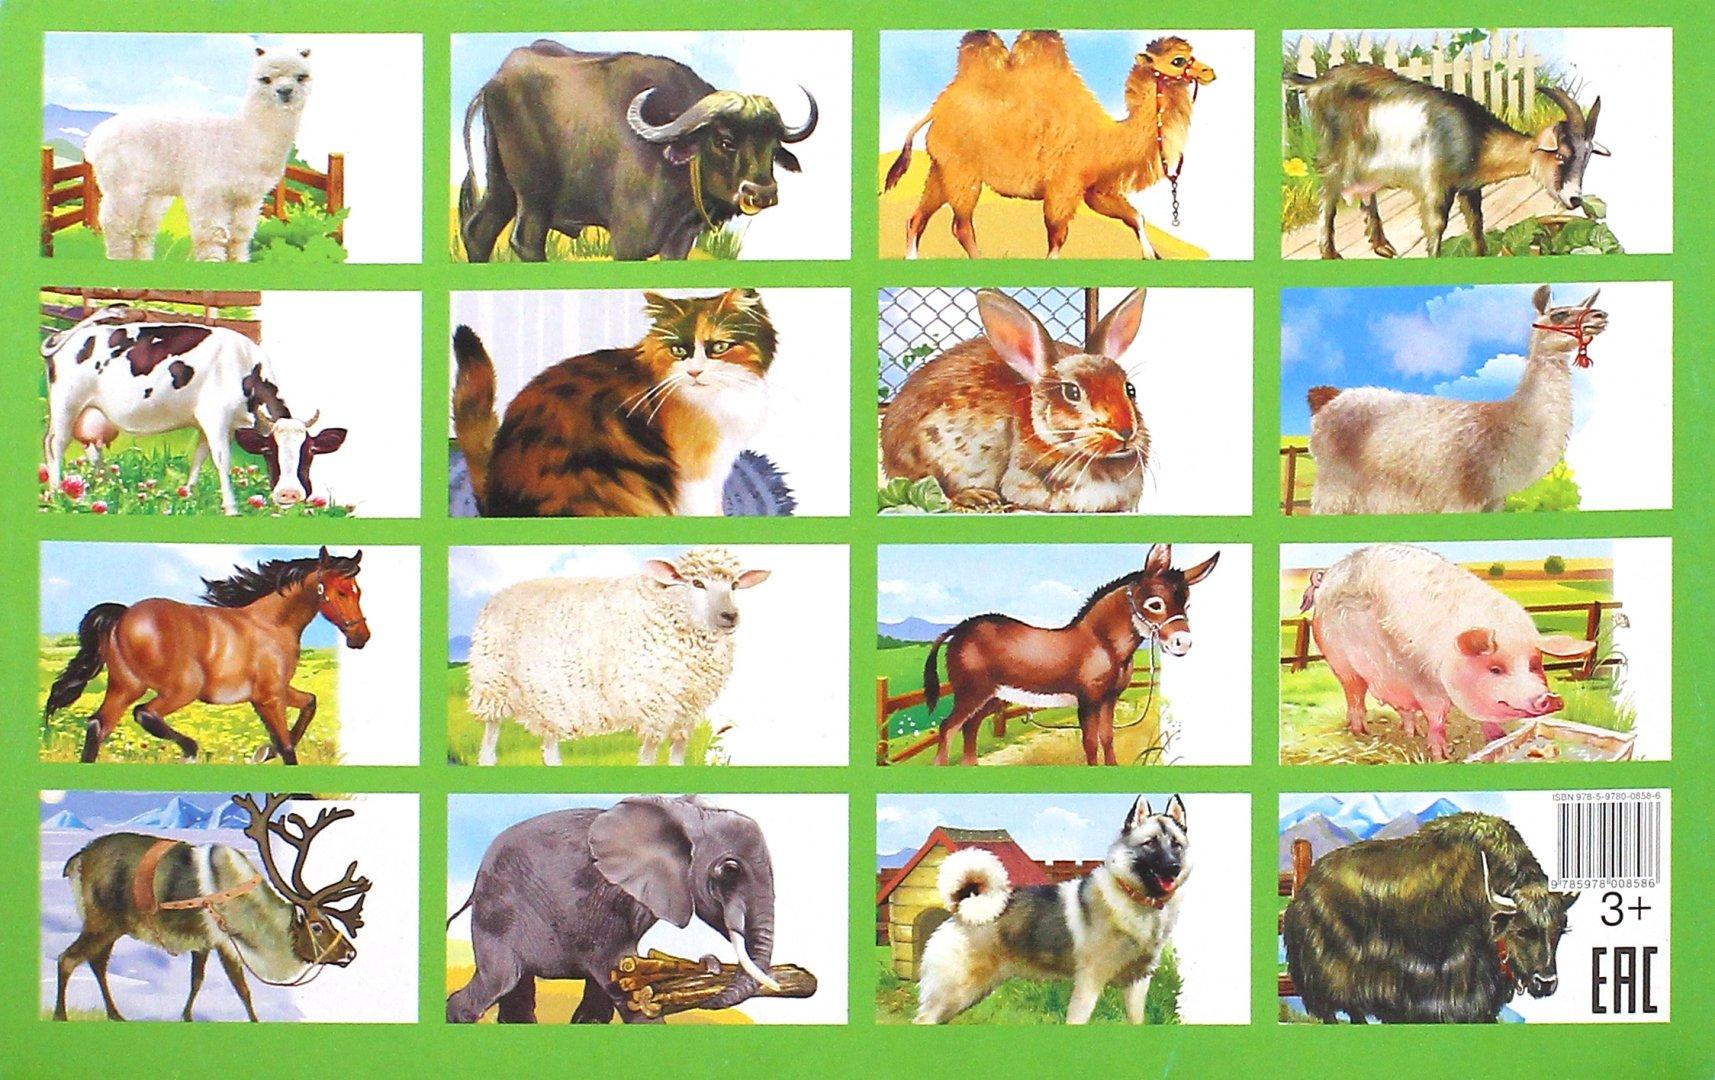 ватсапп картинки домашних животных для малышей распечатать том, как